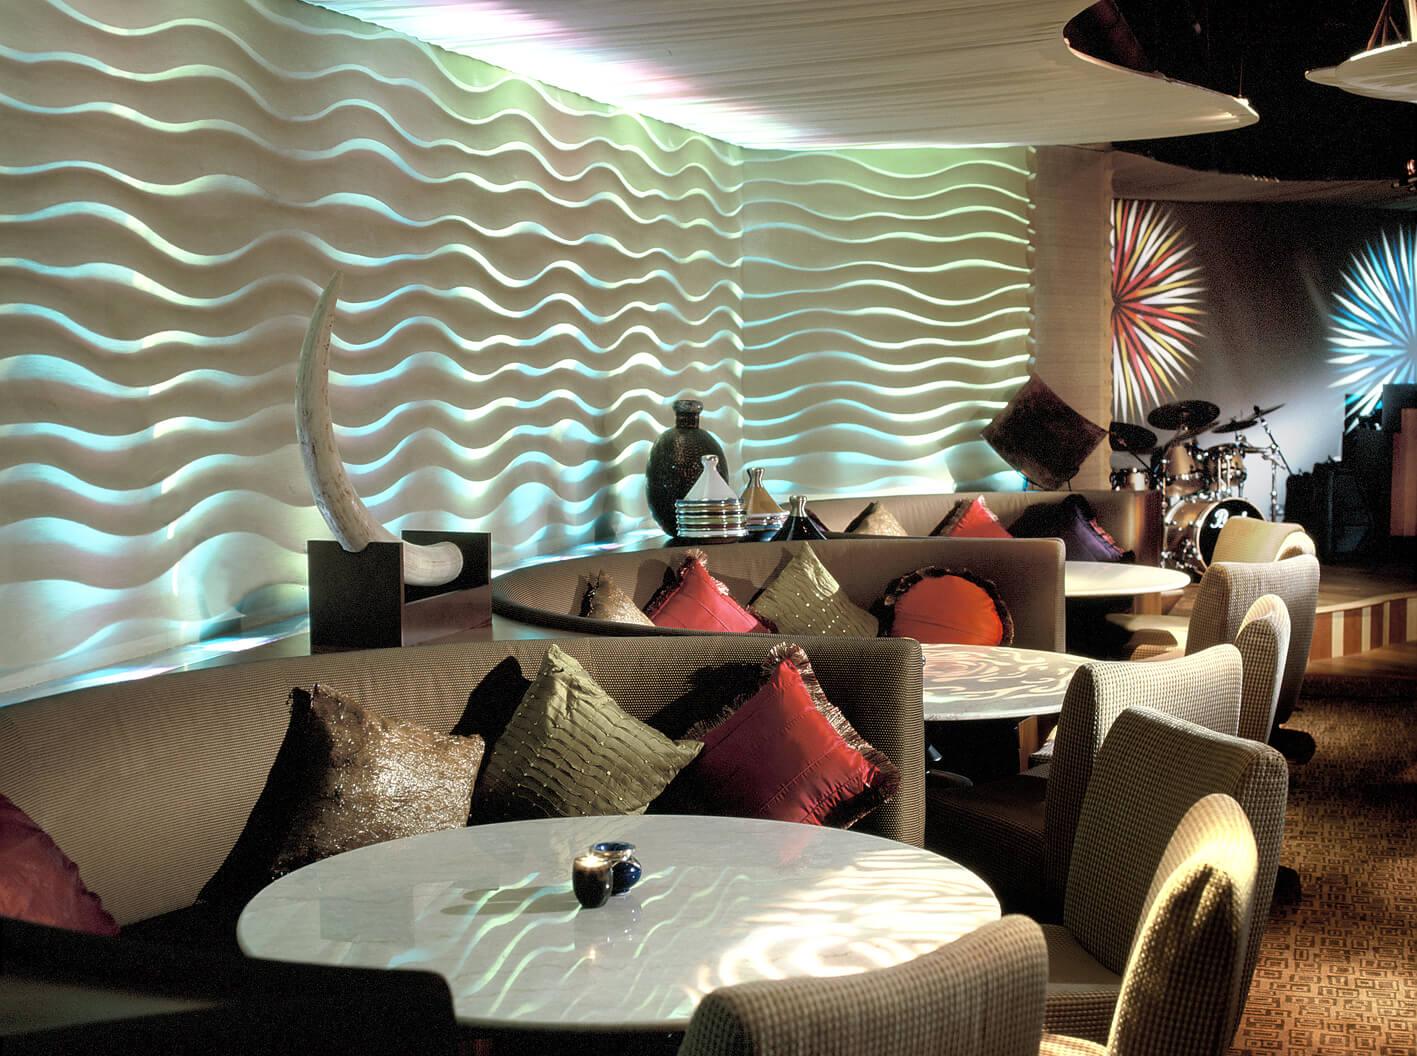 Live music lounge interiors commercial design portfolio interiorsense